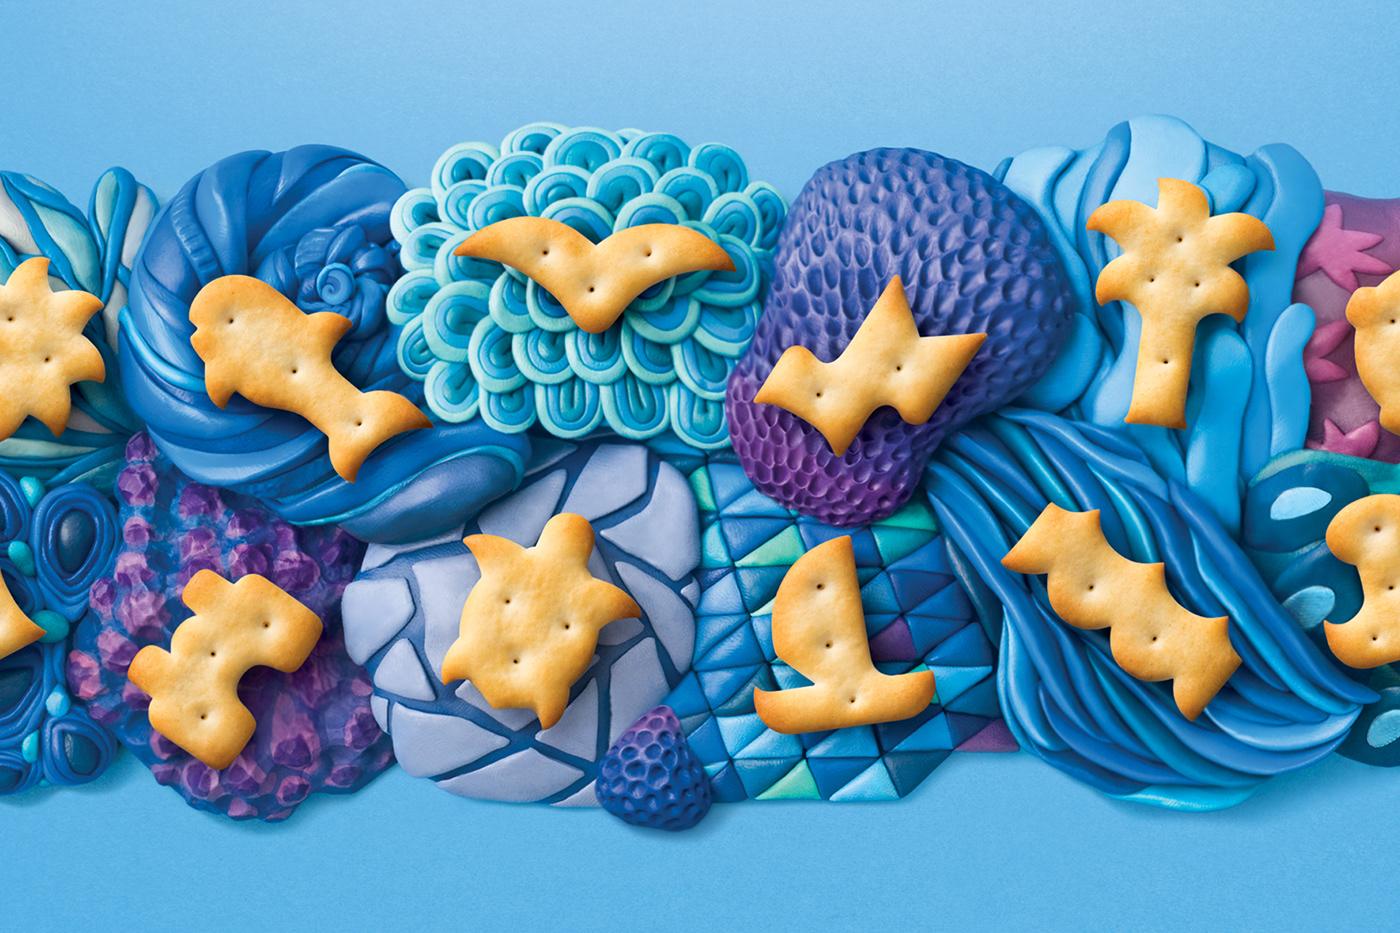 Pack Film   crackers cookies bag modeling clay sculpture food design snacks bakery